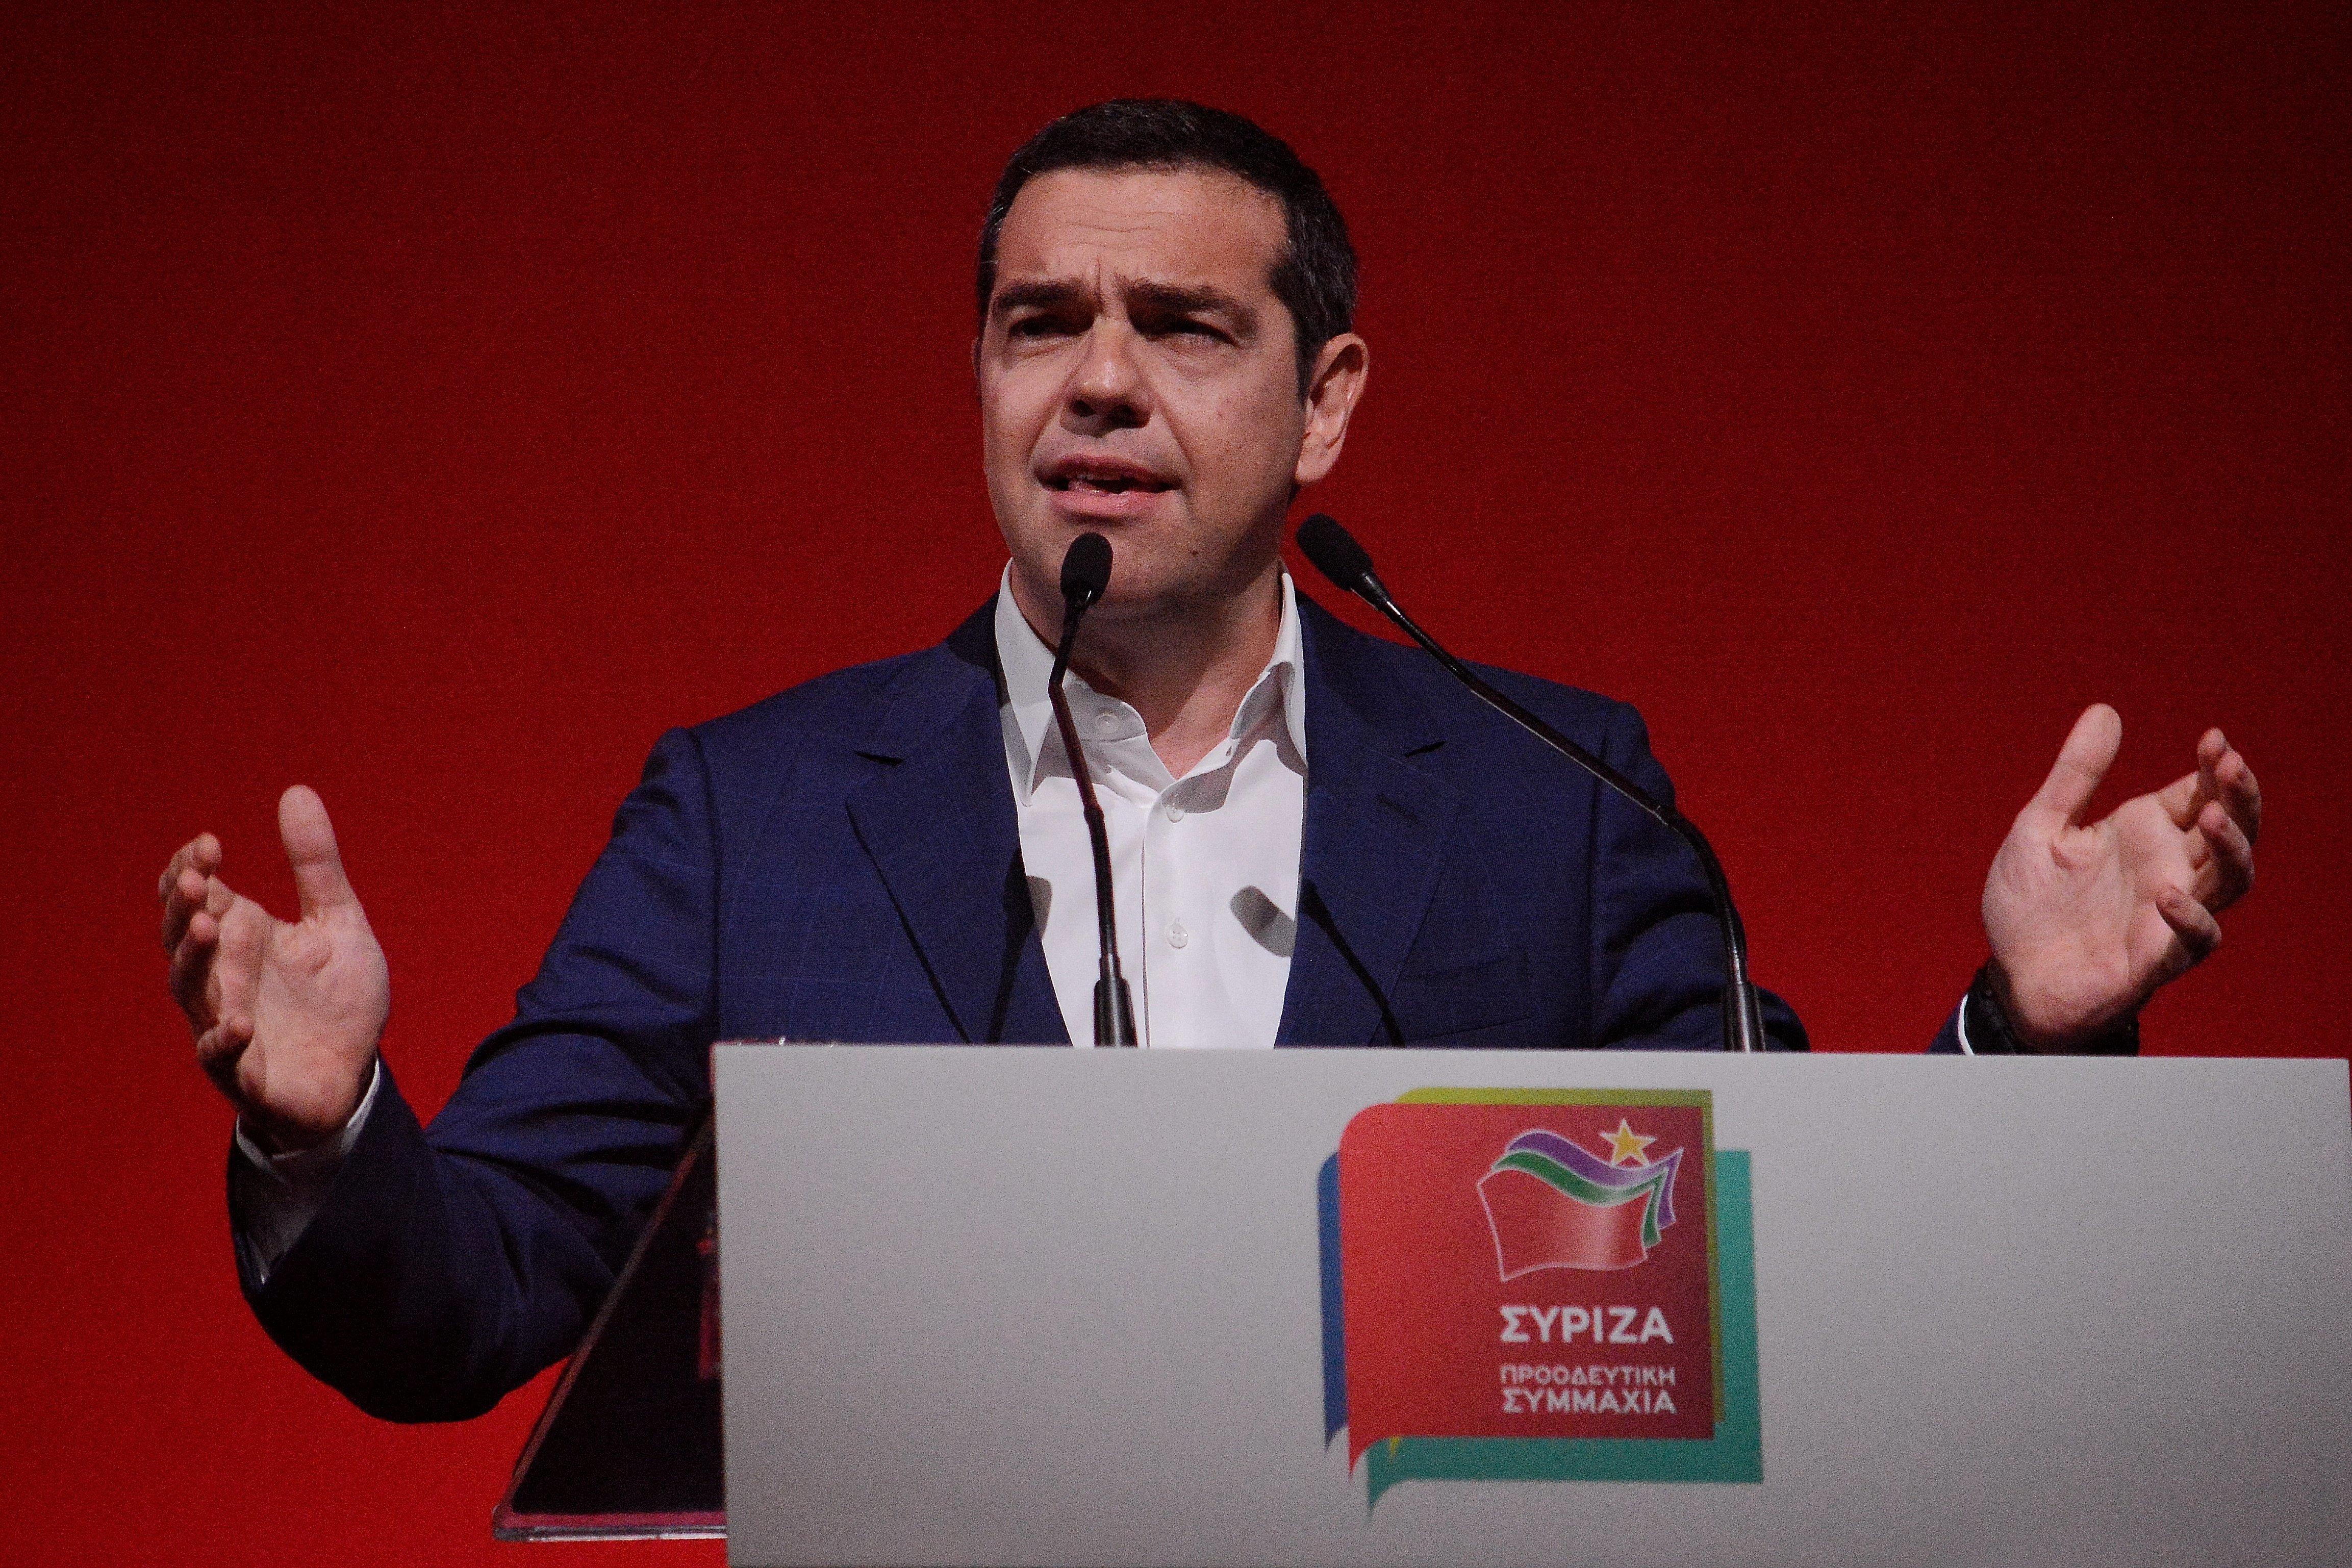 ΣΥΡΙΖΑ: Τα διλήμματα των εκλογών θα συγκροτήσουν την σύγκρουση Αριστεράς και